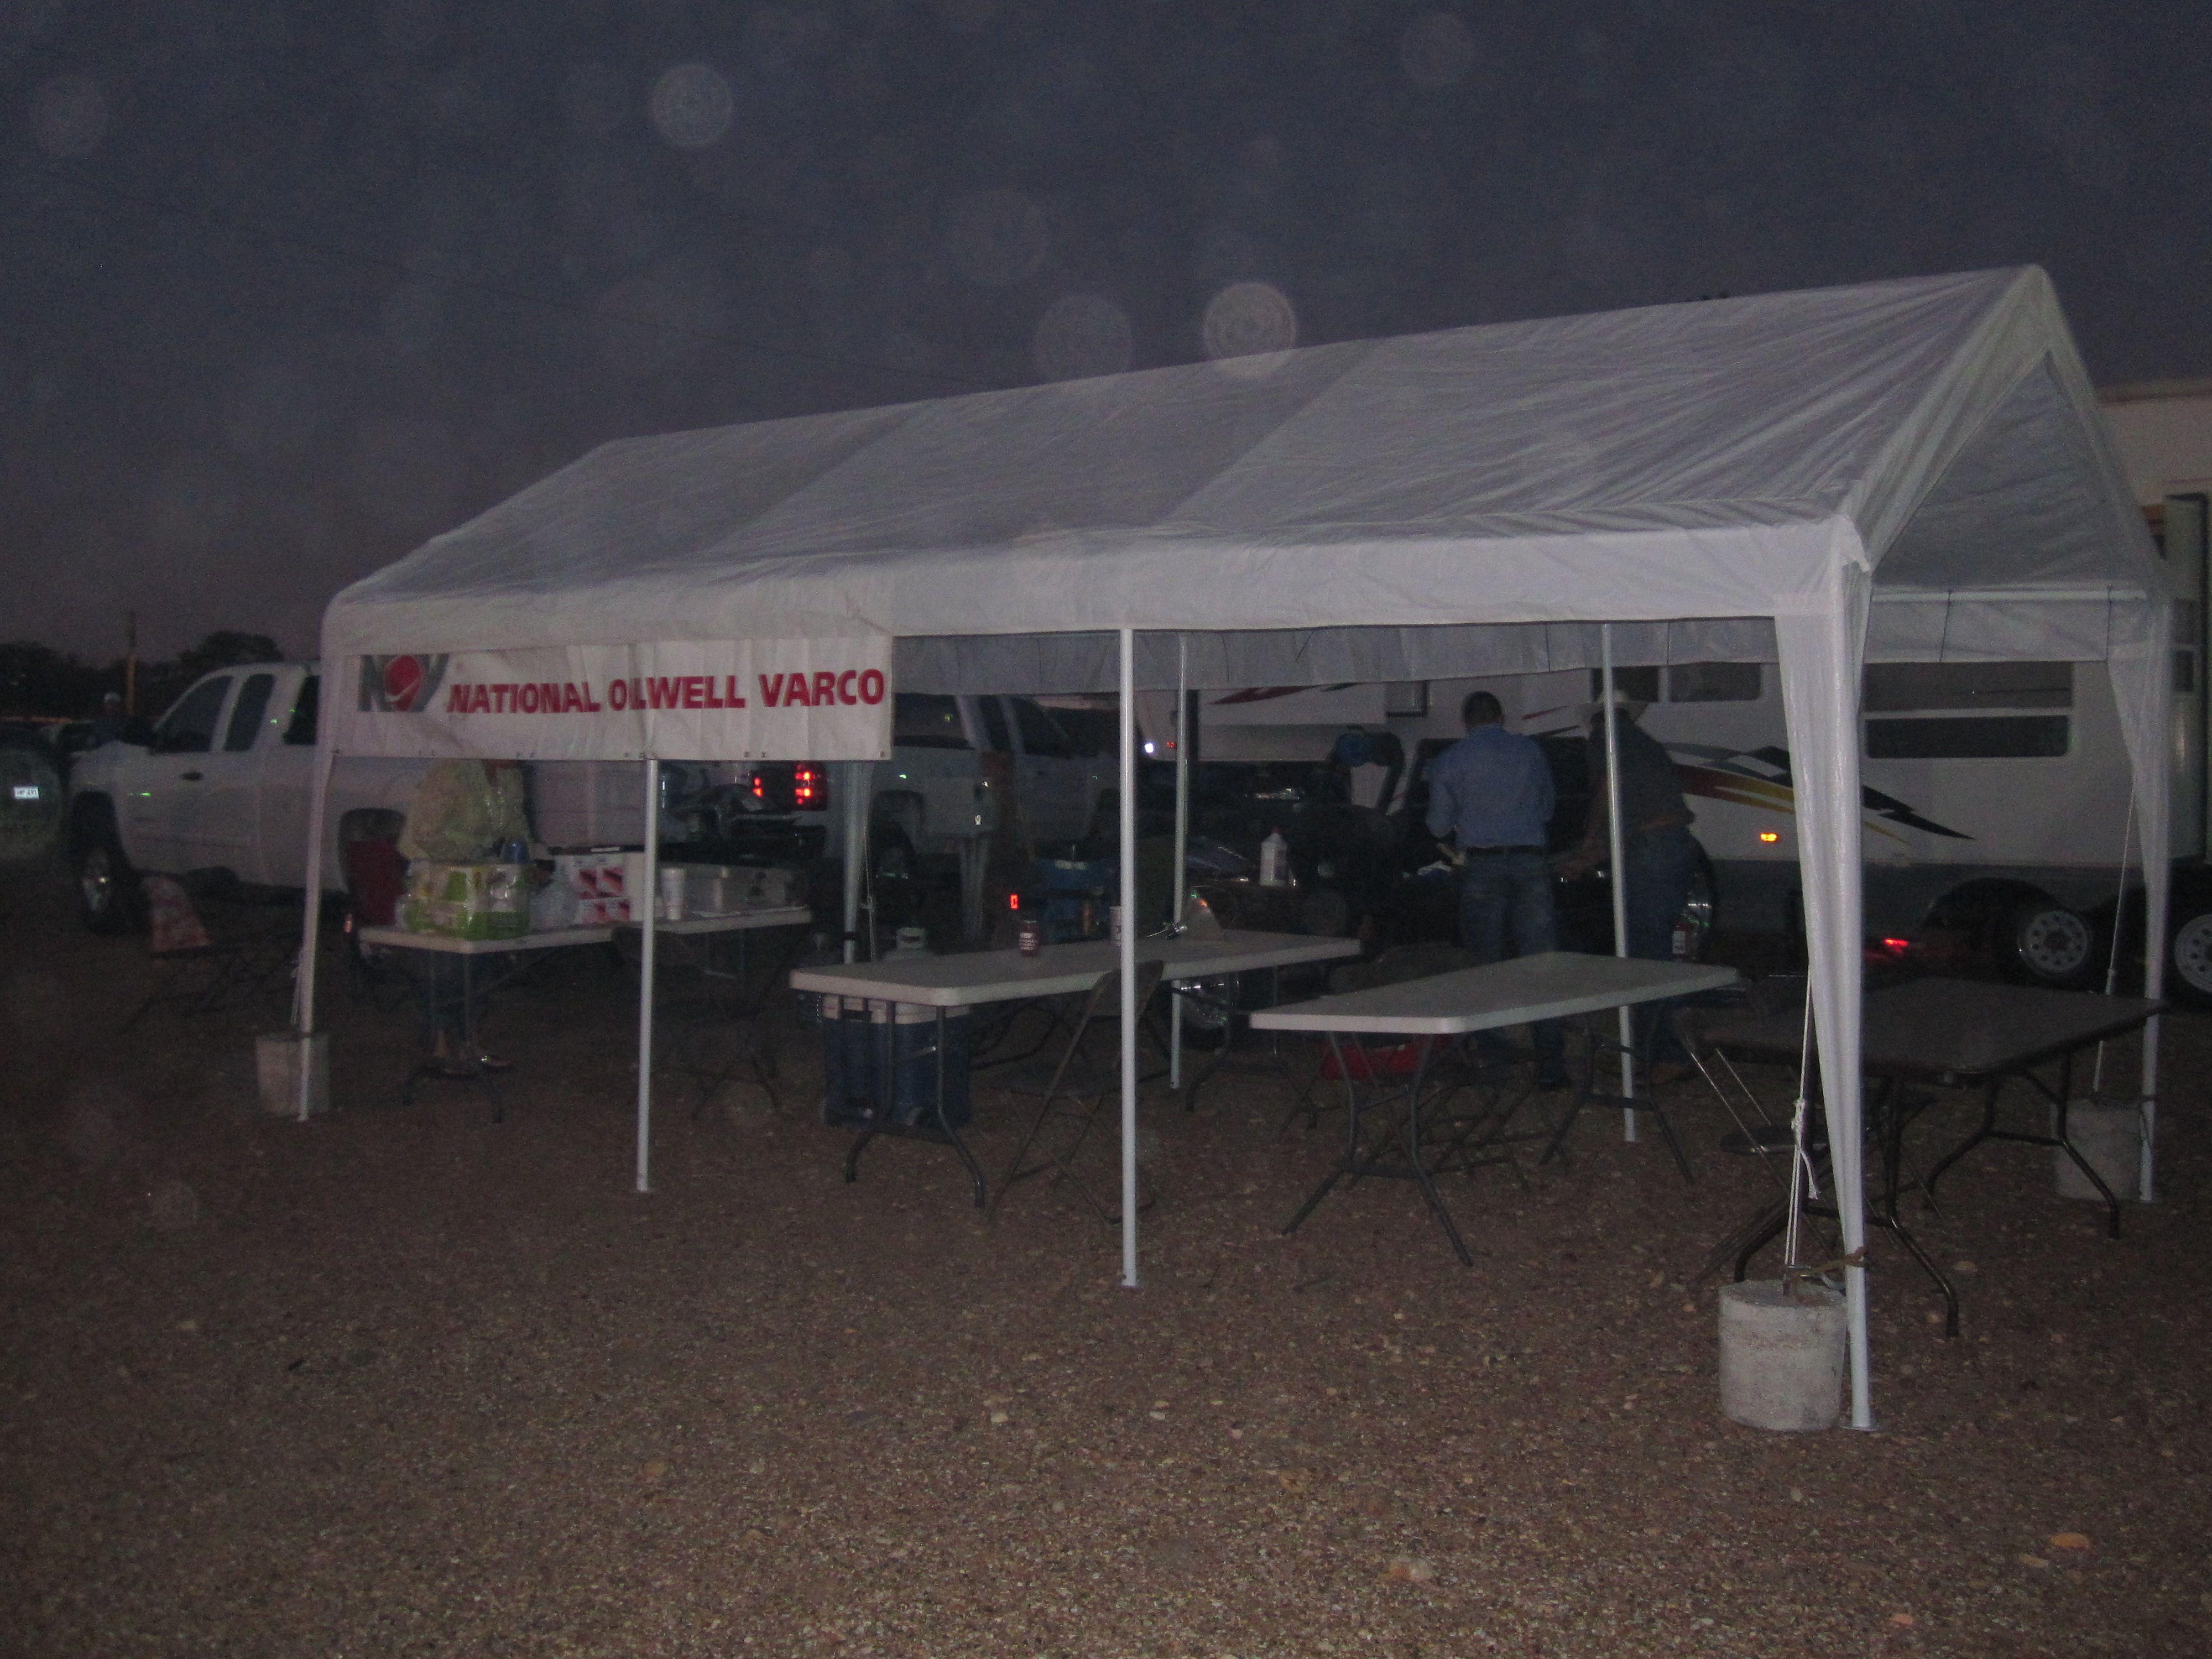 NOV Tent